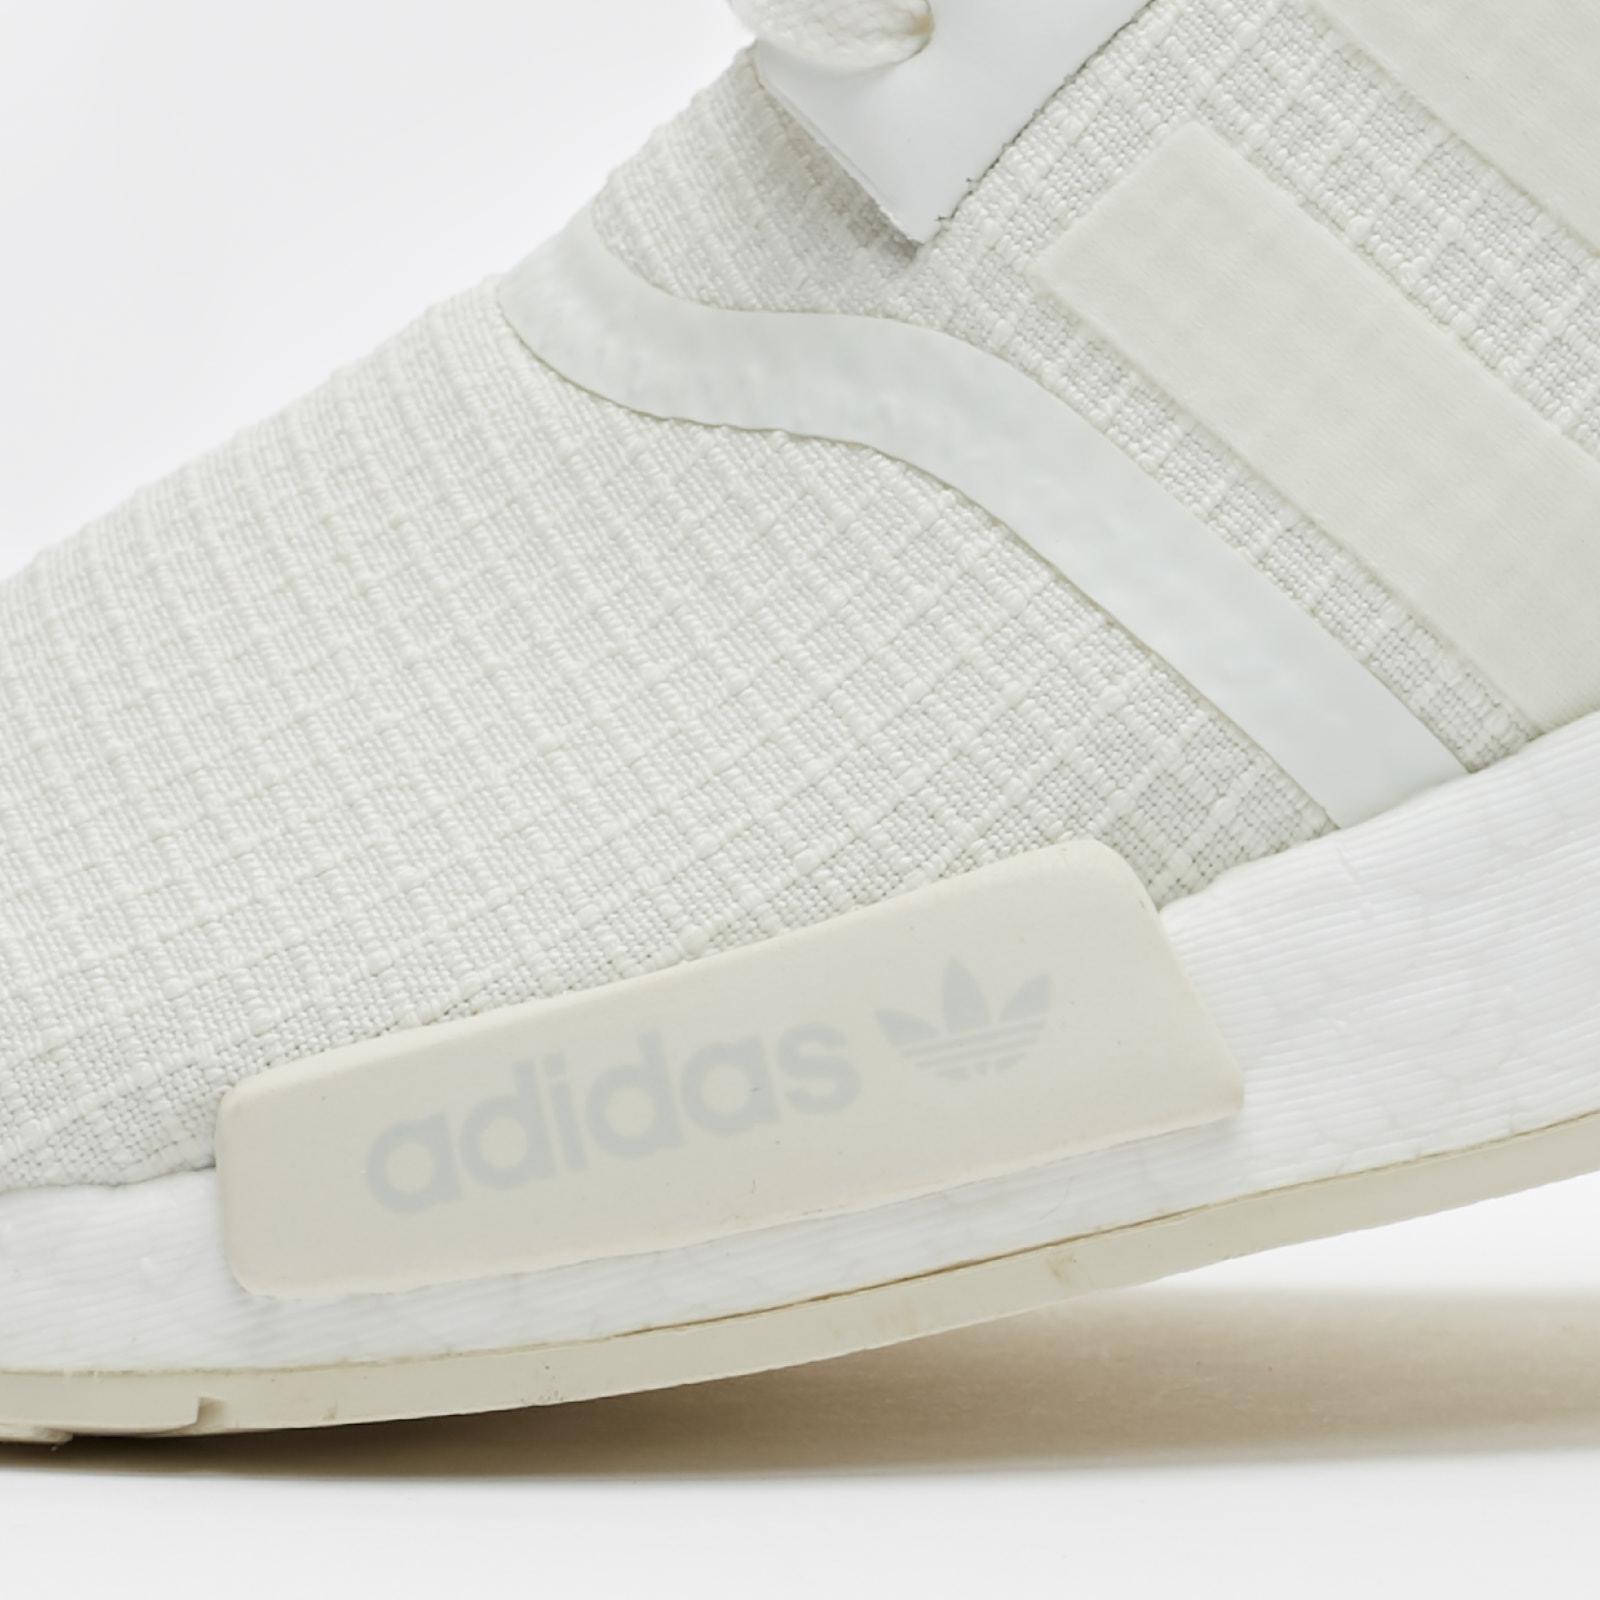 adidas NMD_R1 B37619 Sneakersnstuff sneakers  sneakers